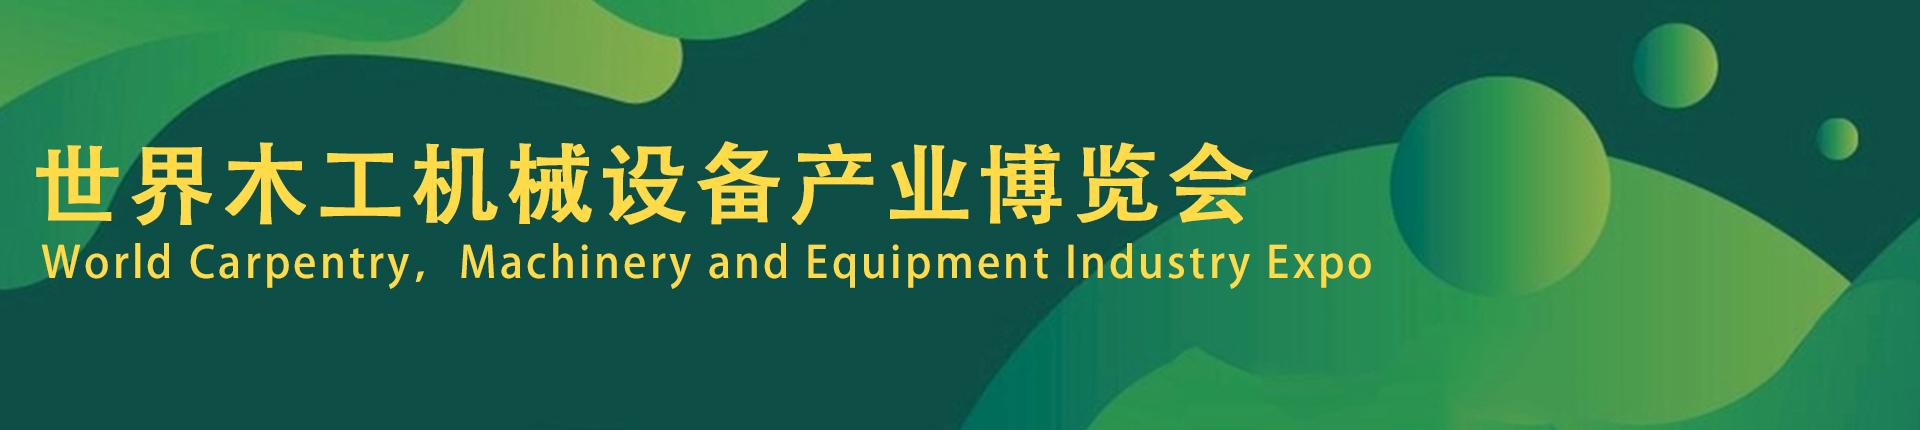 云展·世界木工机械设备产业博览会